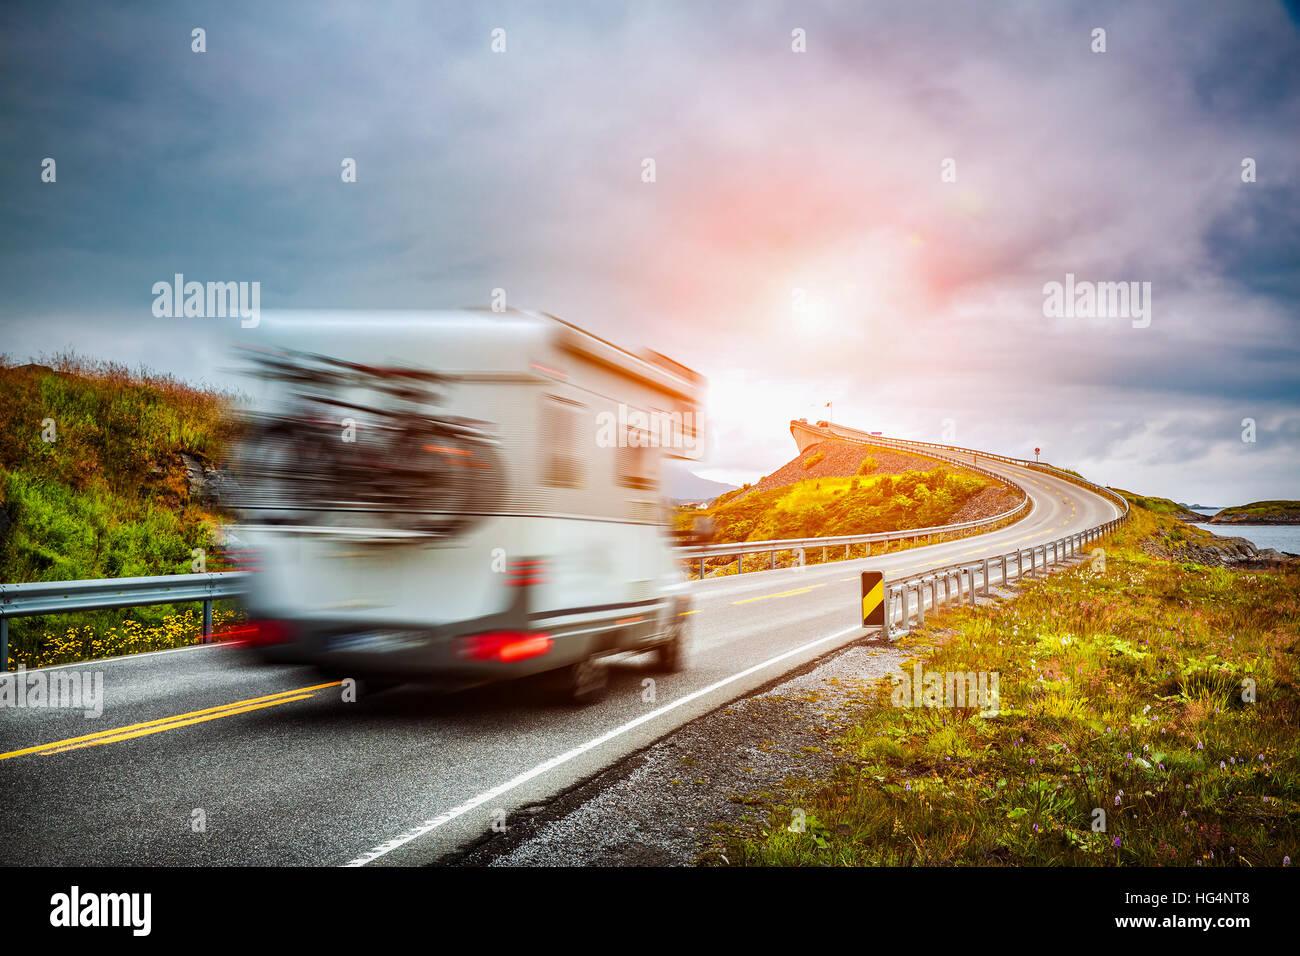 Location caravane voyages sur l'autoroute. Location de caravane dans le motion blur. La Norvège. Route Photo Stock